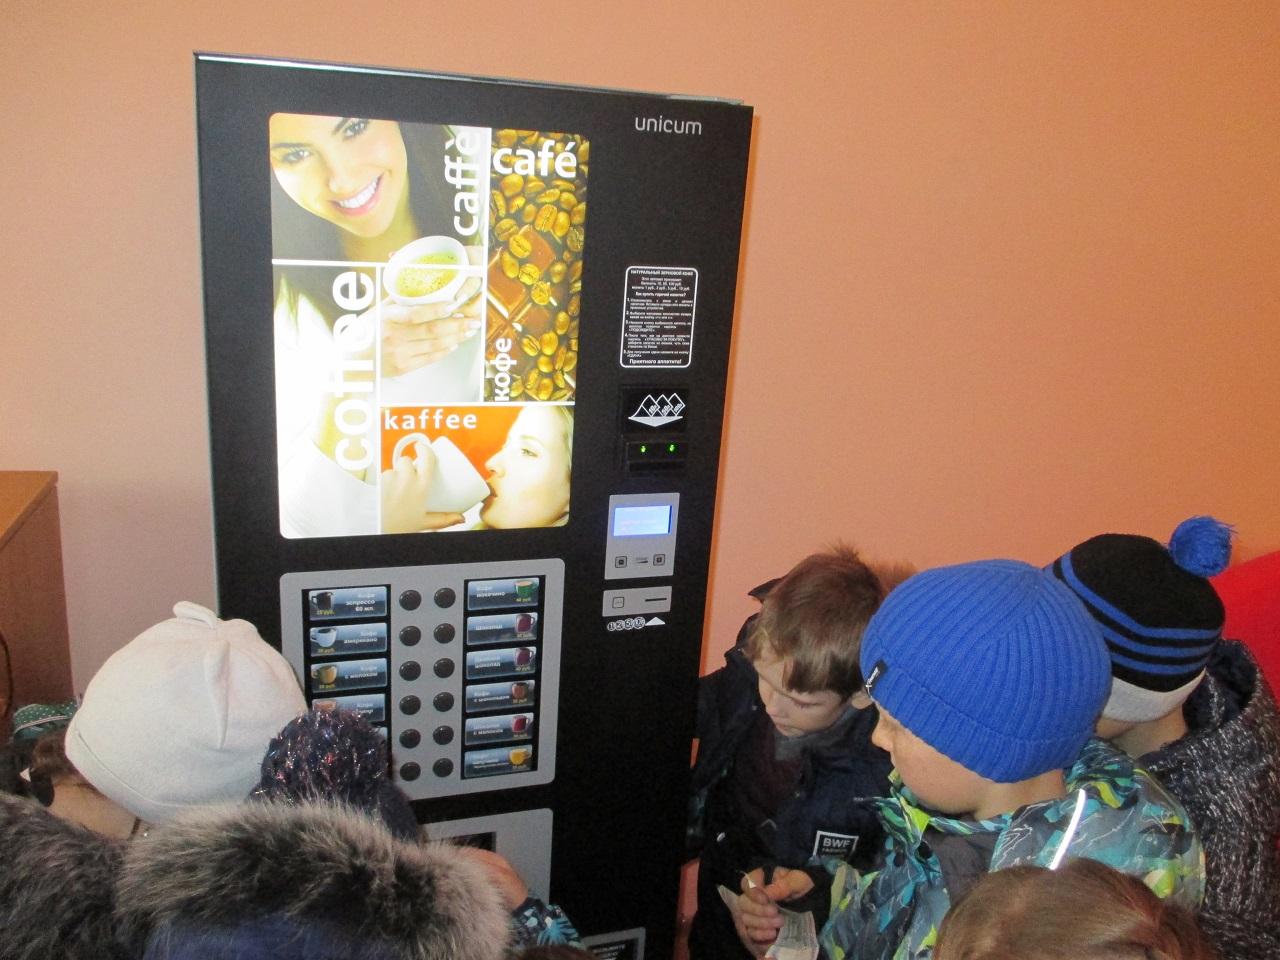 Дорогие друзья! Мы рады сообщить Вам, что в фойе ЦКиК «Родина» установлен кофейный автомат!  Для больших городов такие автоматы давно привычны, а потому мы решили пойти навстречу пожеланиям зрителей, которые хотели бы выпить чашечку кофе до или после сеанса. Автомат по продаже горячих напитков был куплен на заработанные внебюджетные средства, а сама идея установки кофемашины появилась благодаря предложениям зрителей по улучшению работы учреждения в рамках краудсорсингового проекта «Центр культуры и кино. Шаг в будущее».  В перспективе планируется реализовать и другие идеи зрителей, с которыми можно ознакомиться здесь:  Если же у Вас есть собственные предложения по улучшению работы кинотеатра, то будем рады услышать их – мы рады каждому мнению и замечанию!